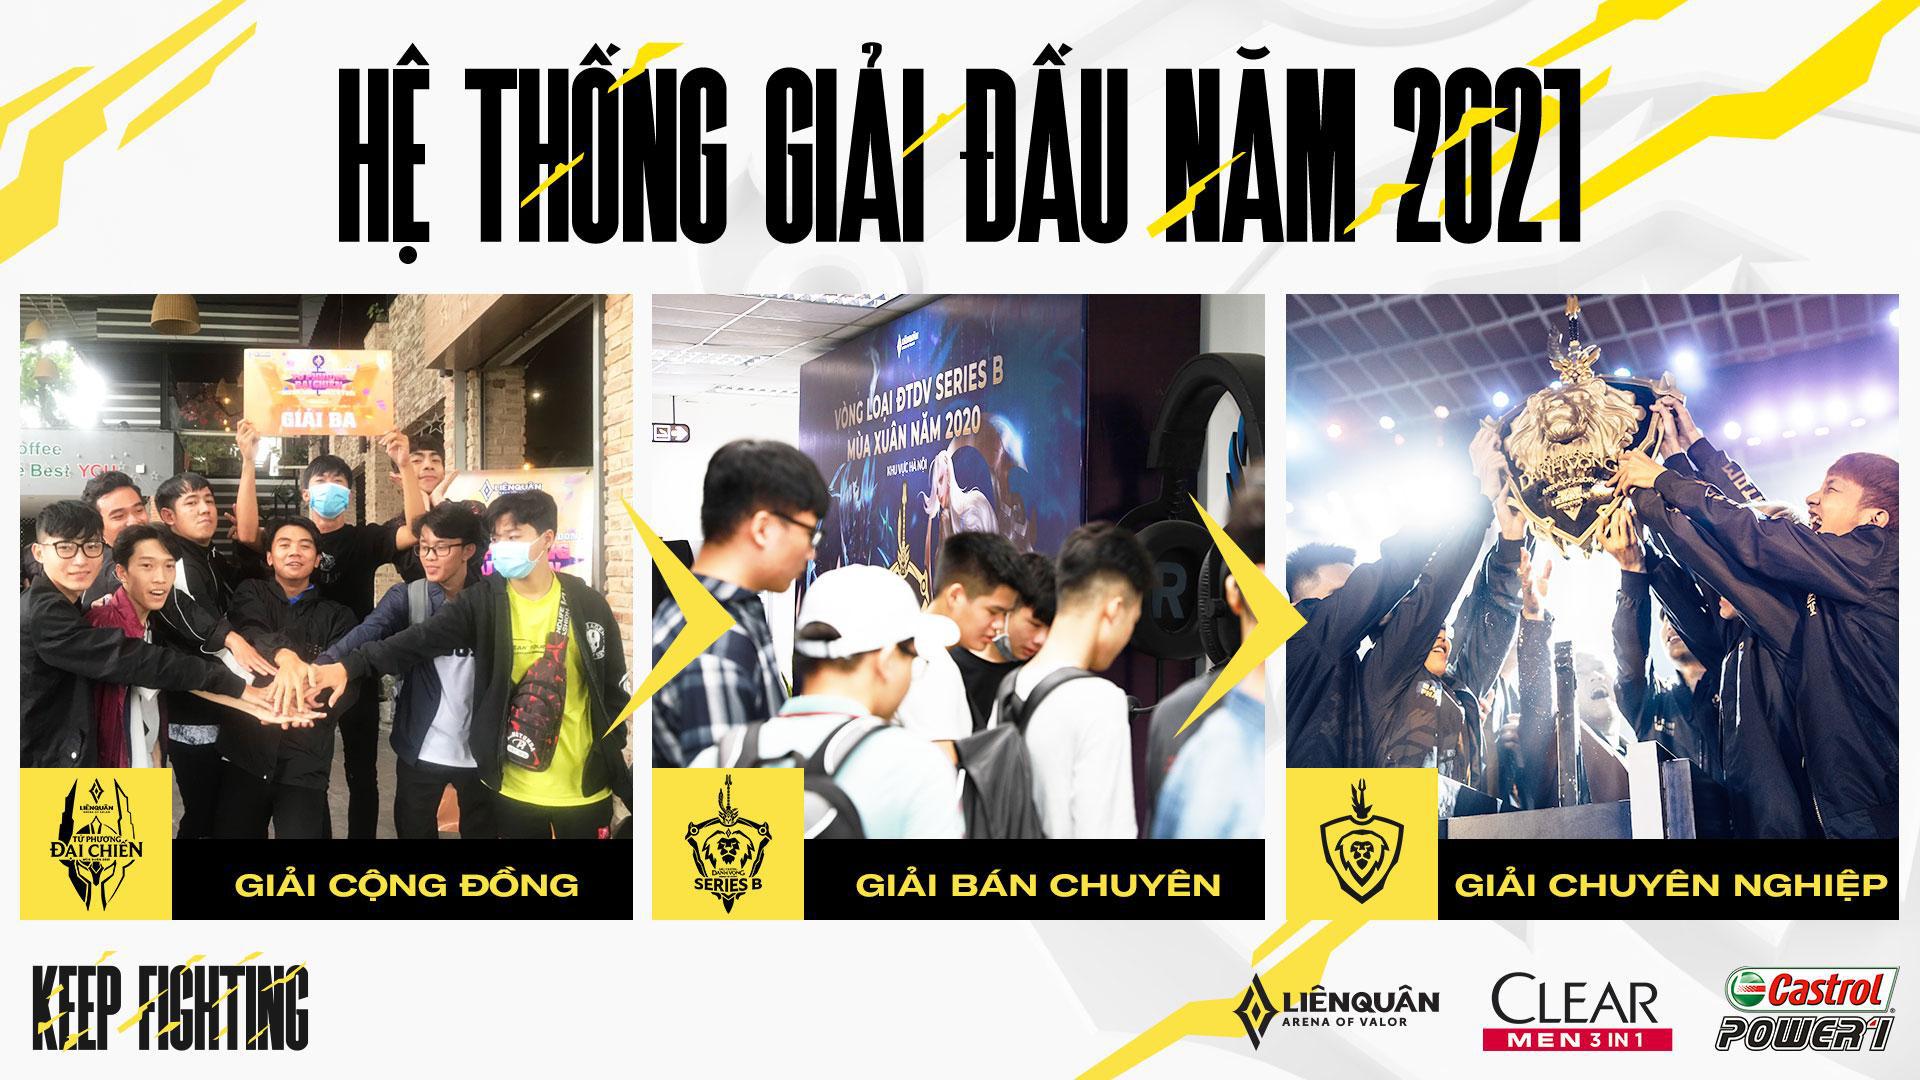 Giải đấu Liên Quân Mobile chứng tỏ đẳng cấp tựa game Esports có số má tại Việt Nam - Ảnh 3.